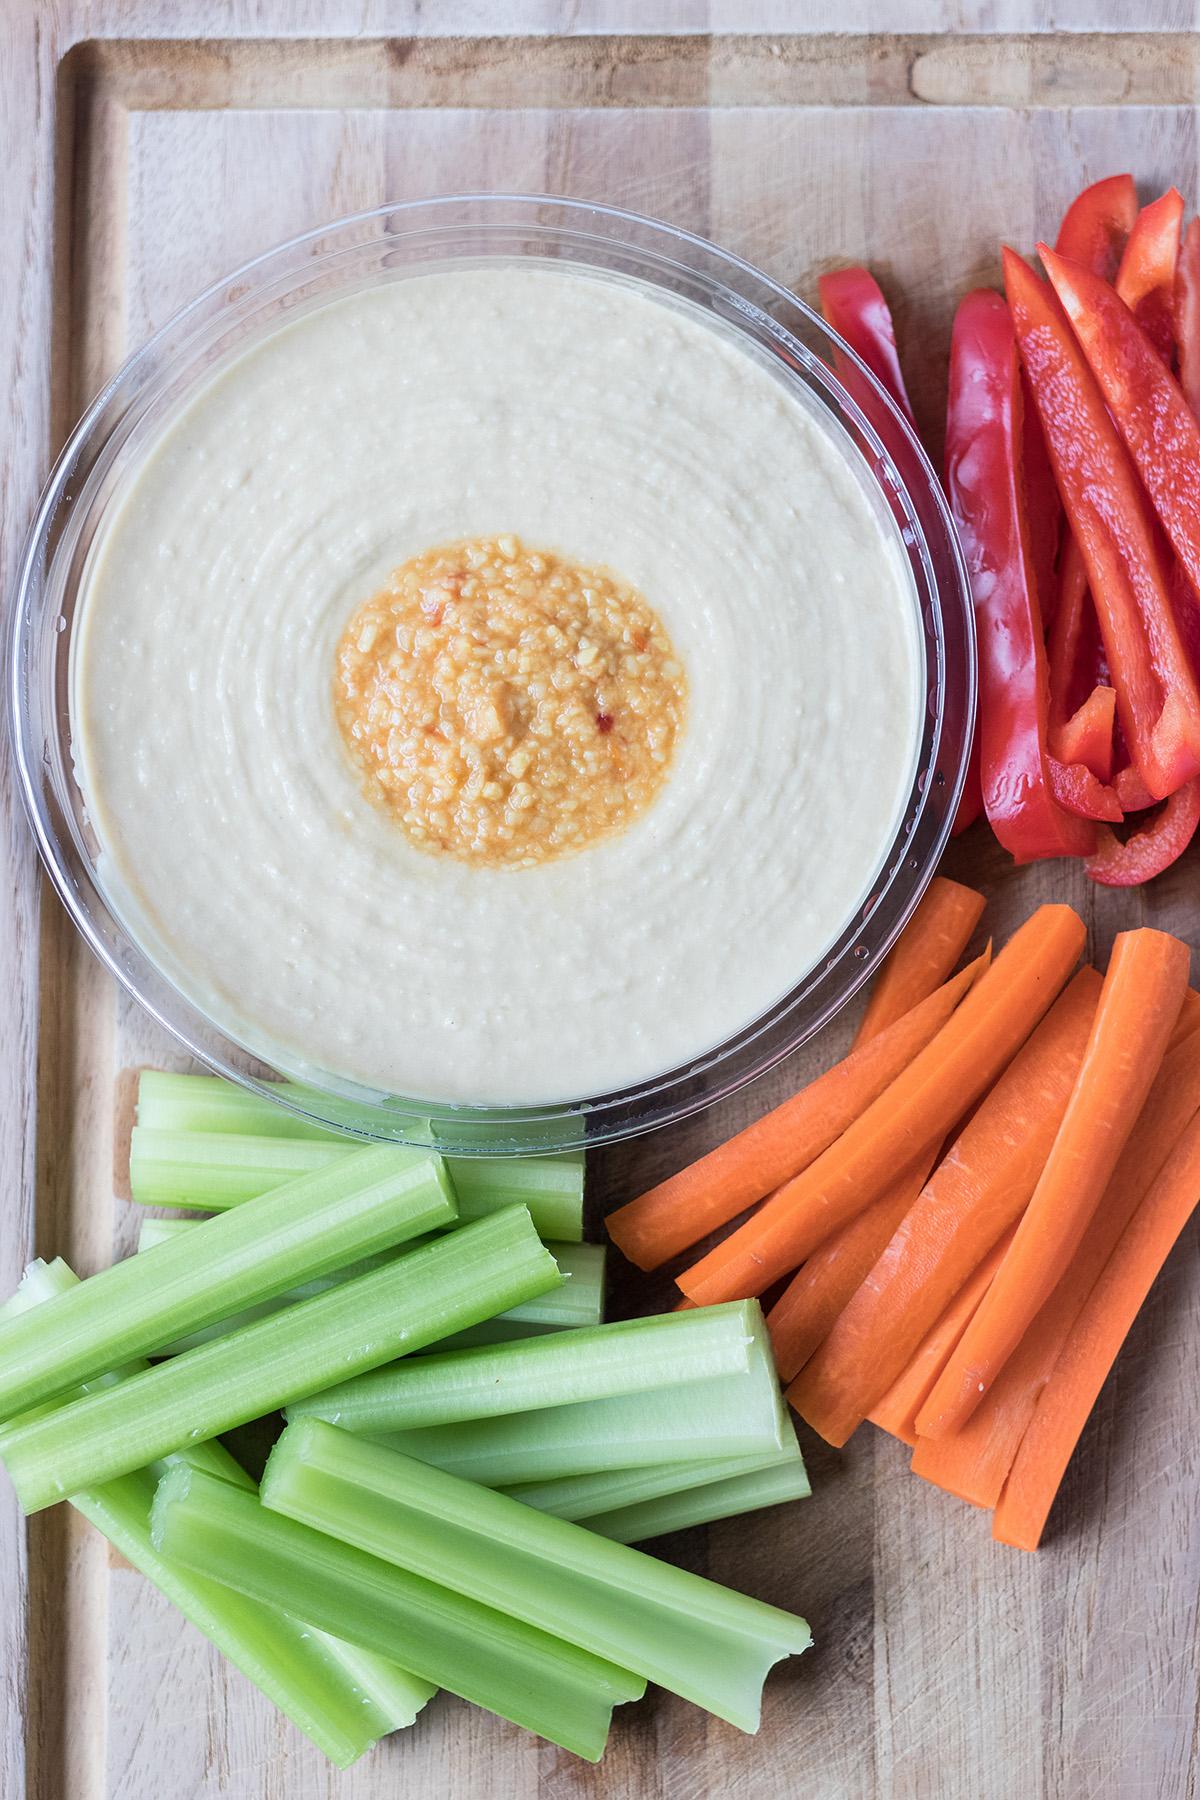 Raw Veggies and Hummus